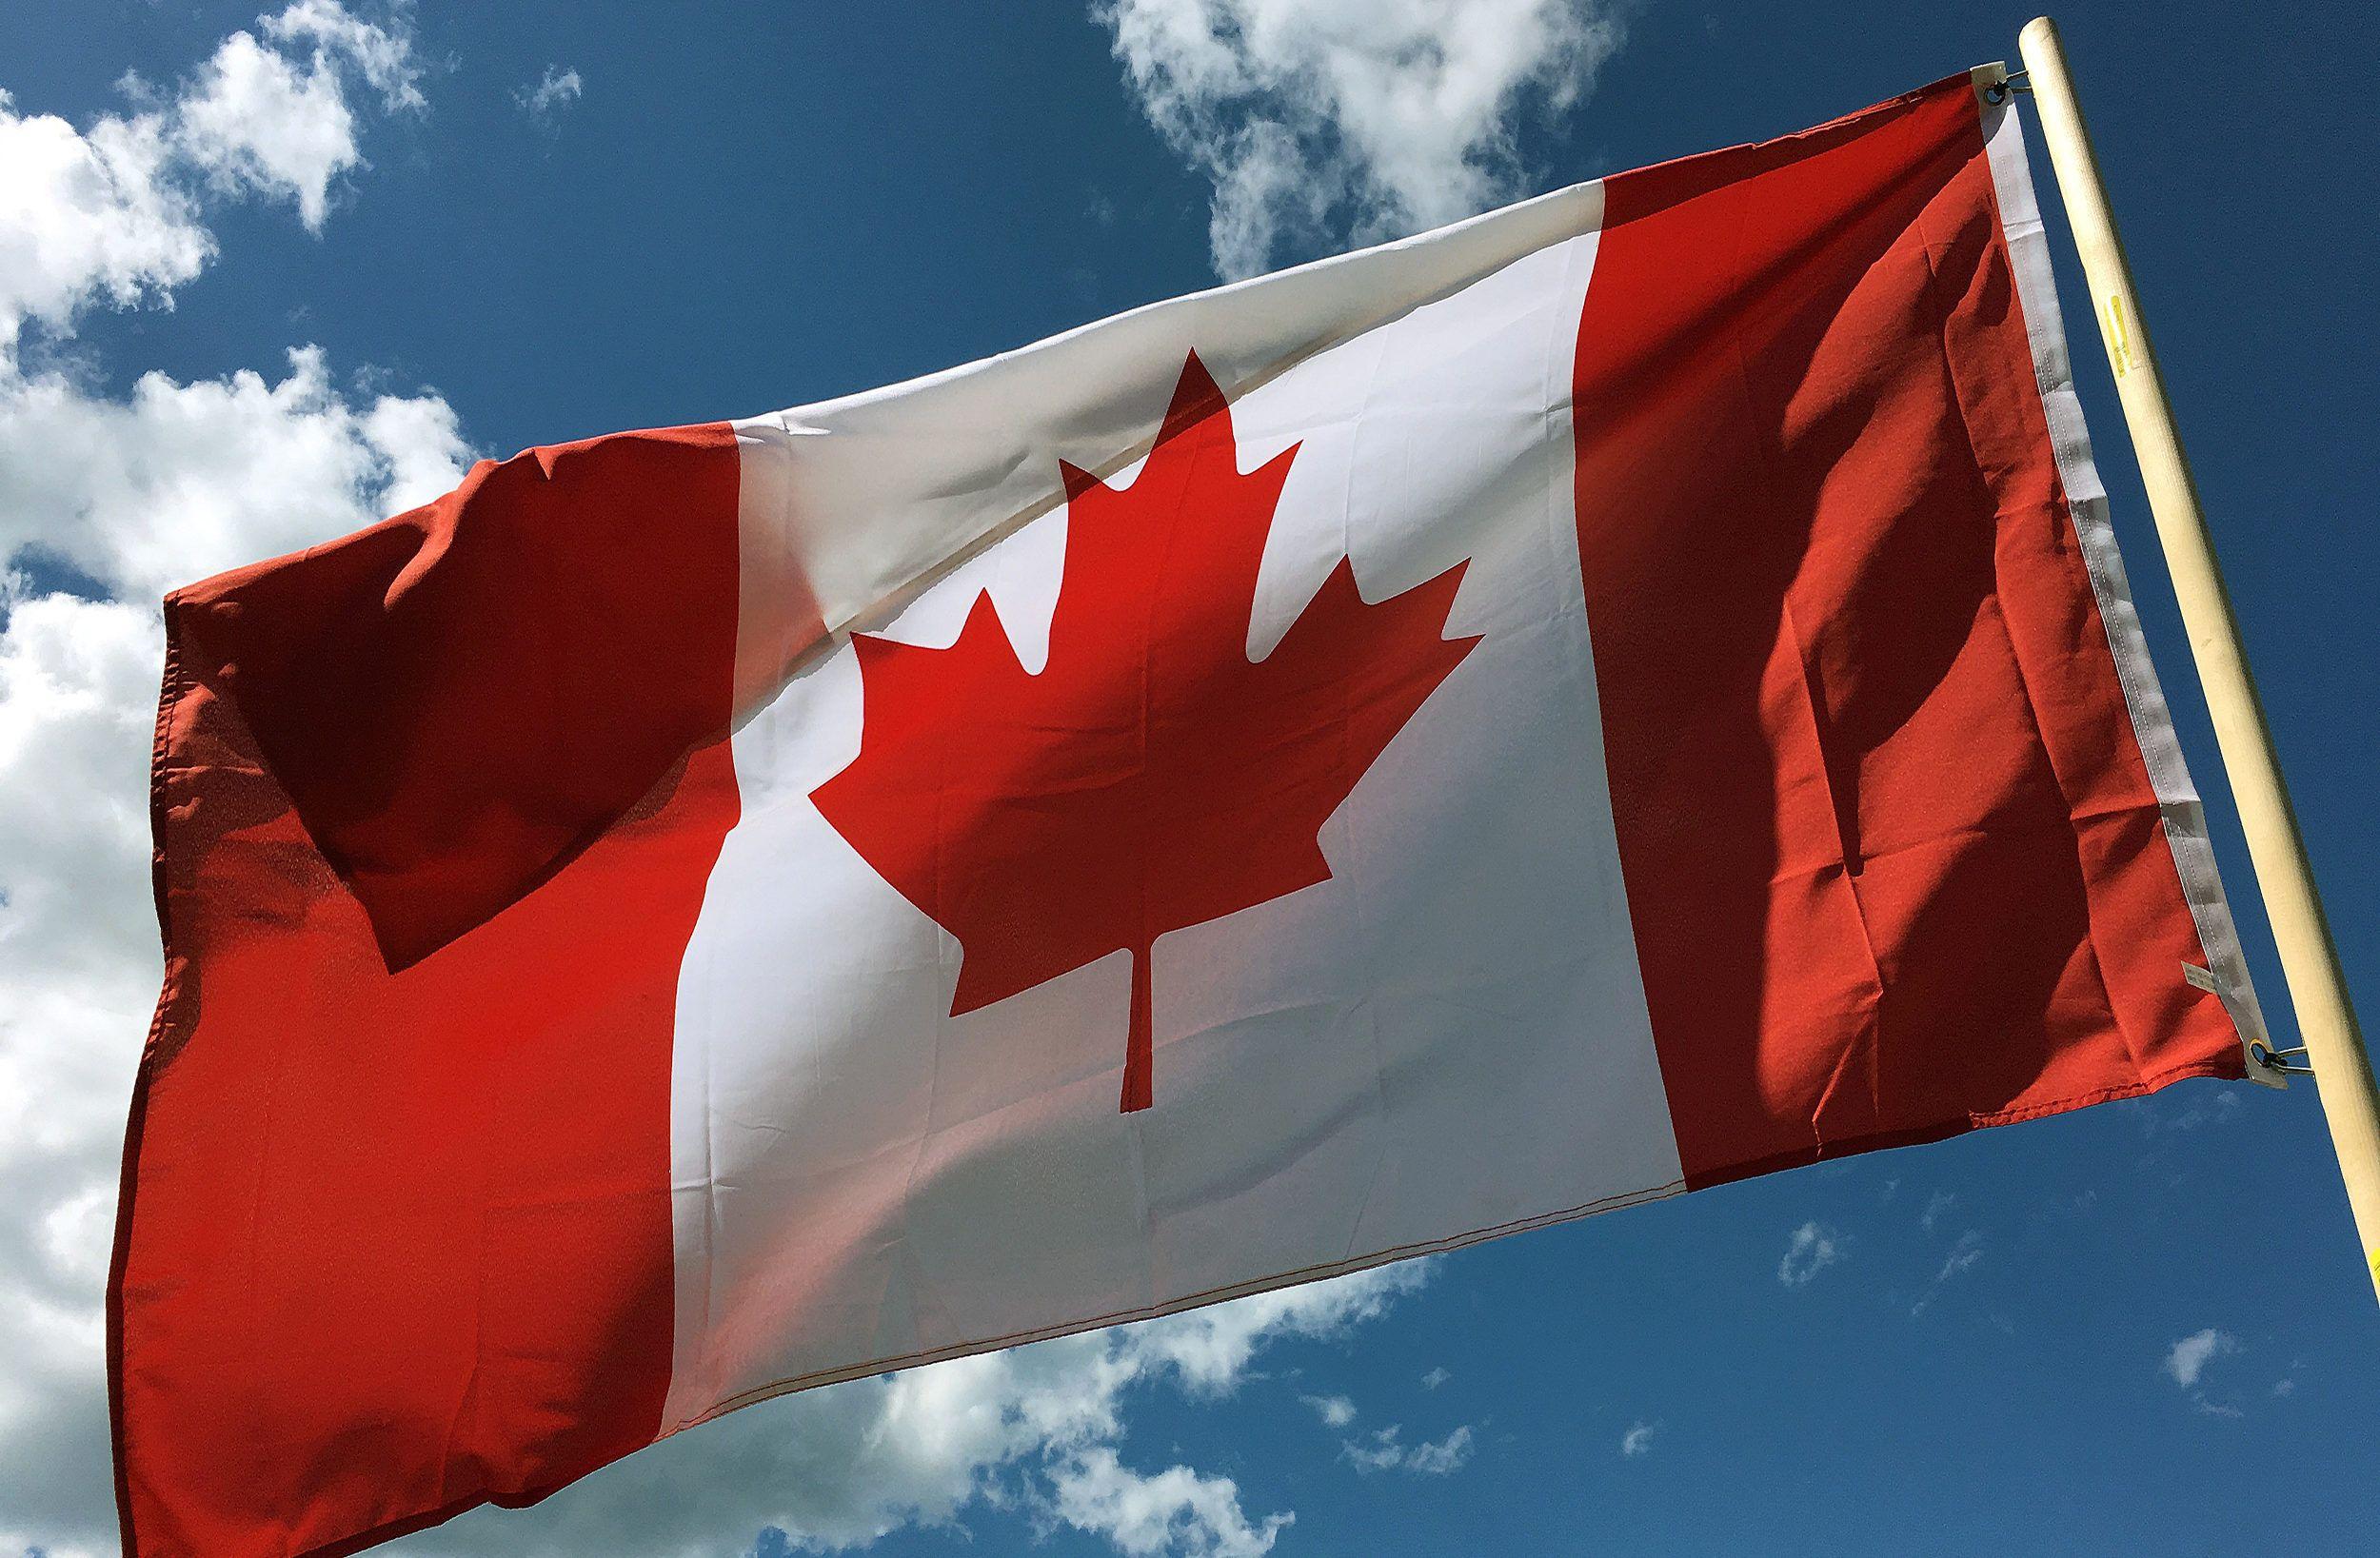 الهجرة الى الكيبيك جديد العمال الدائمين بكندا كبيك 2020